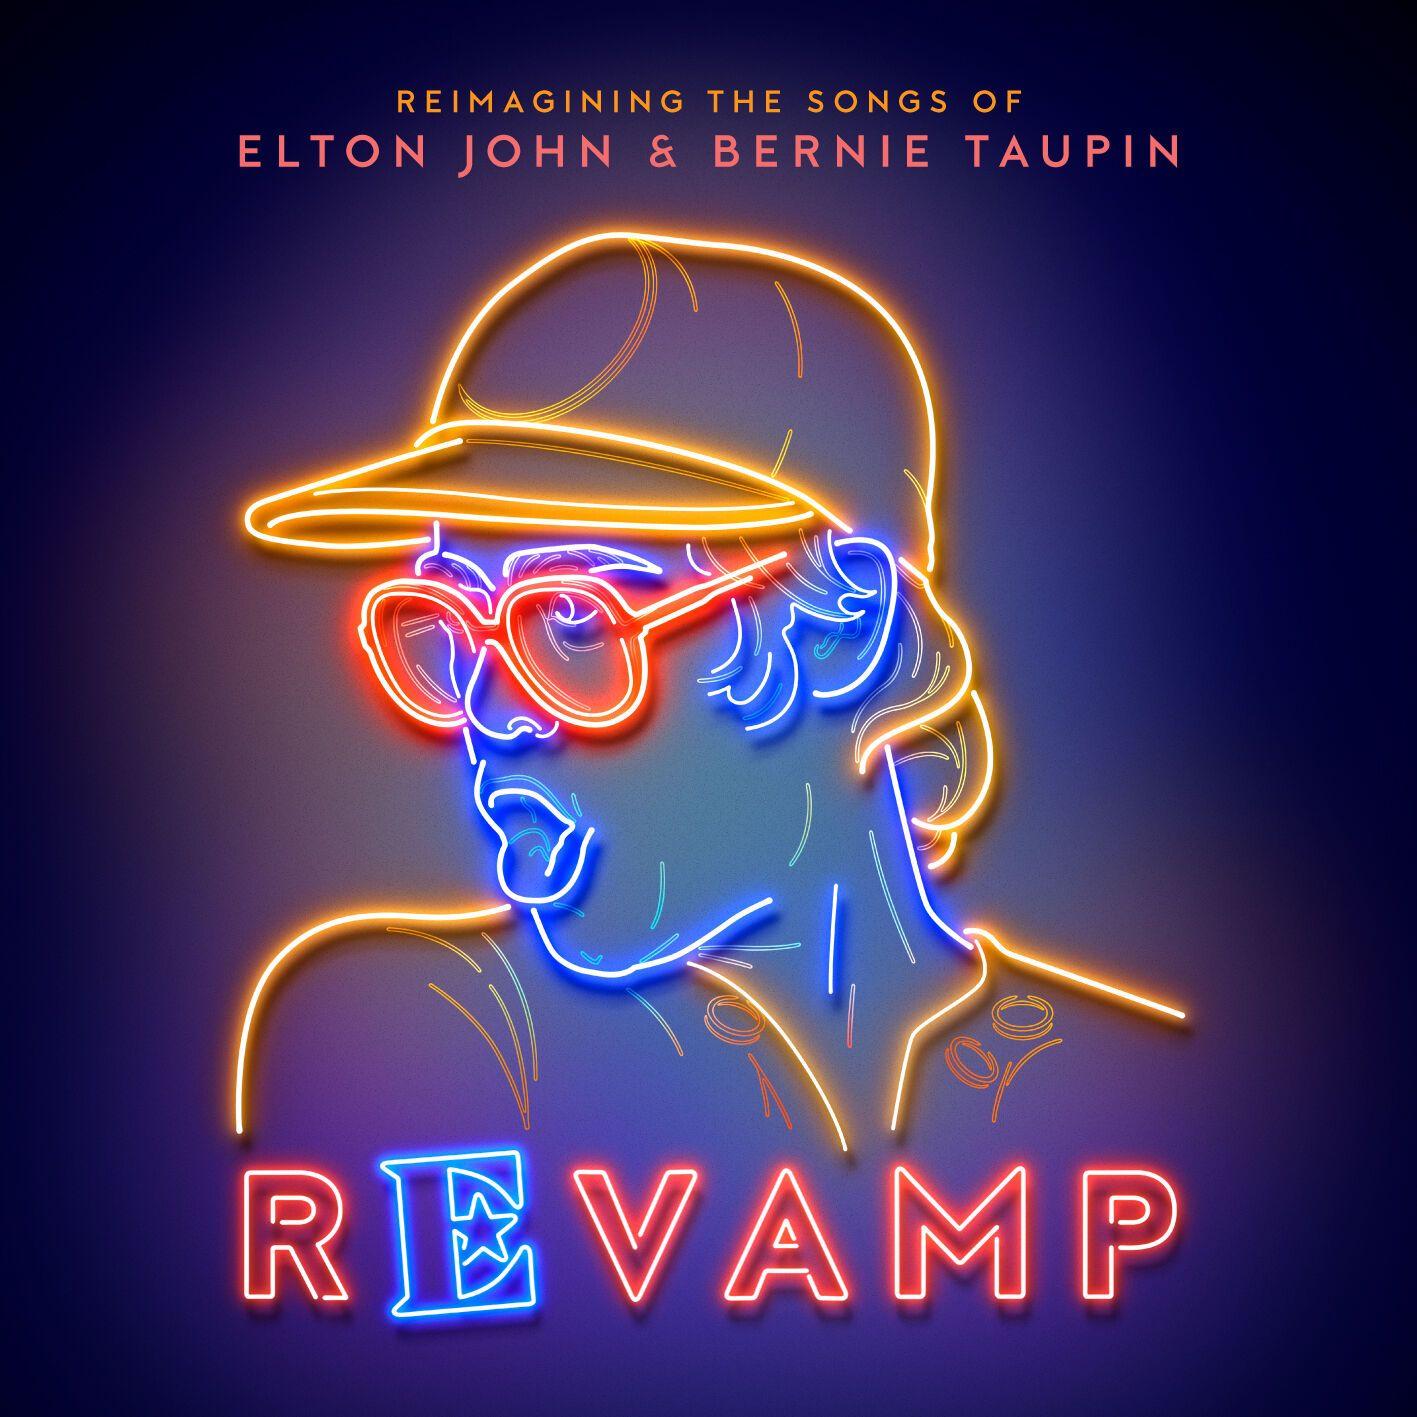 Украинский художник оформил обложку альбома Элтона Джона